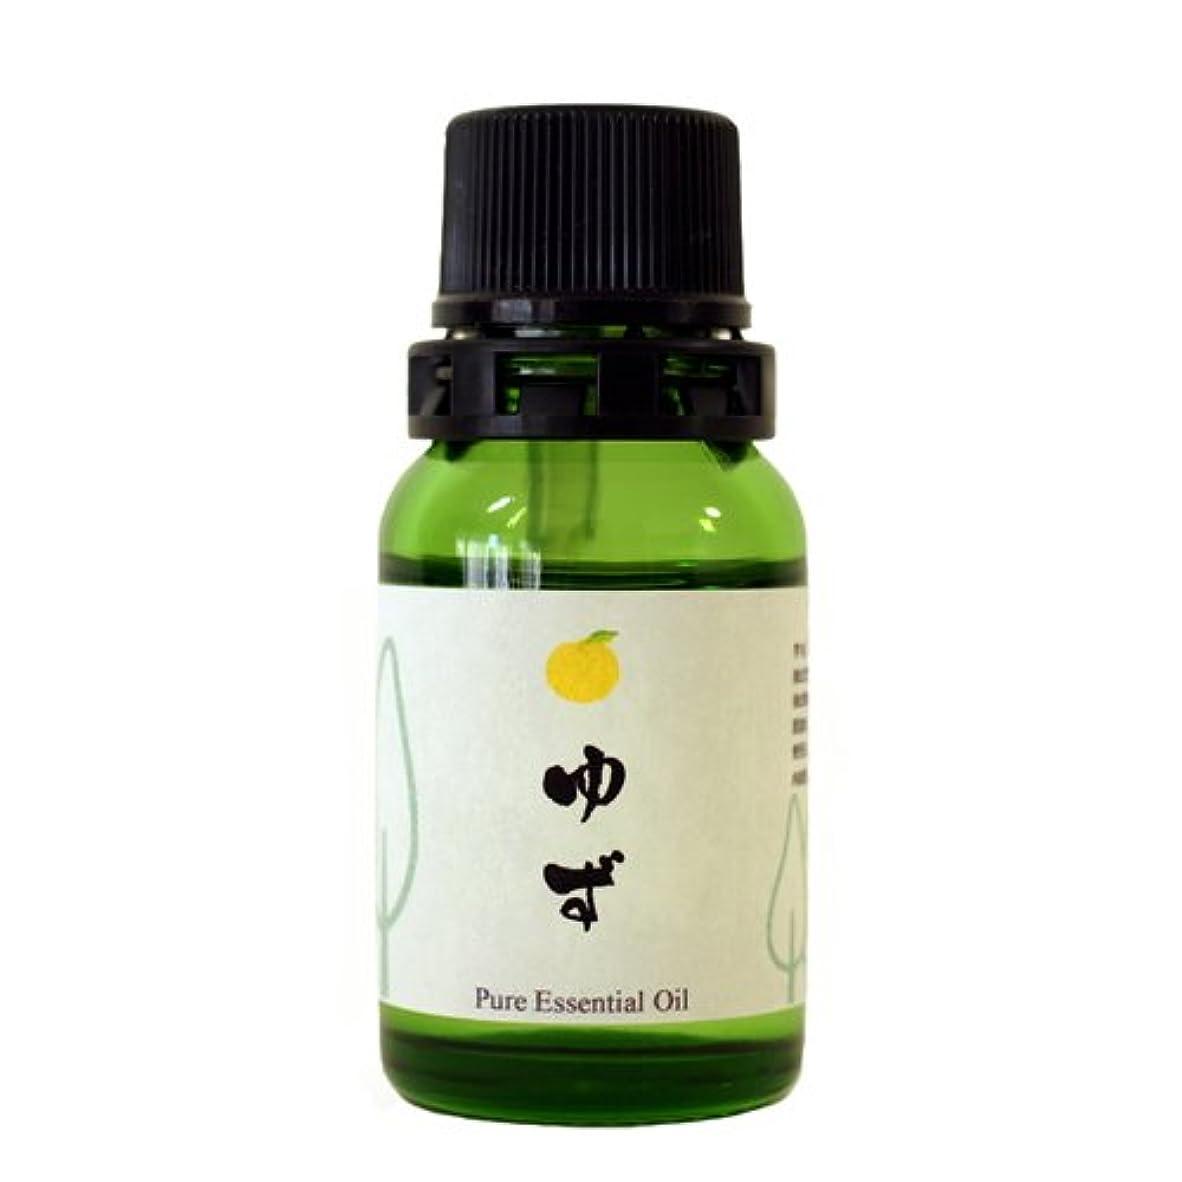 混沌粘土うん和精油 ゆず(高知県産) エッセンシャルオイル 10ml